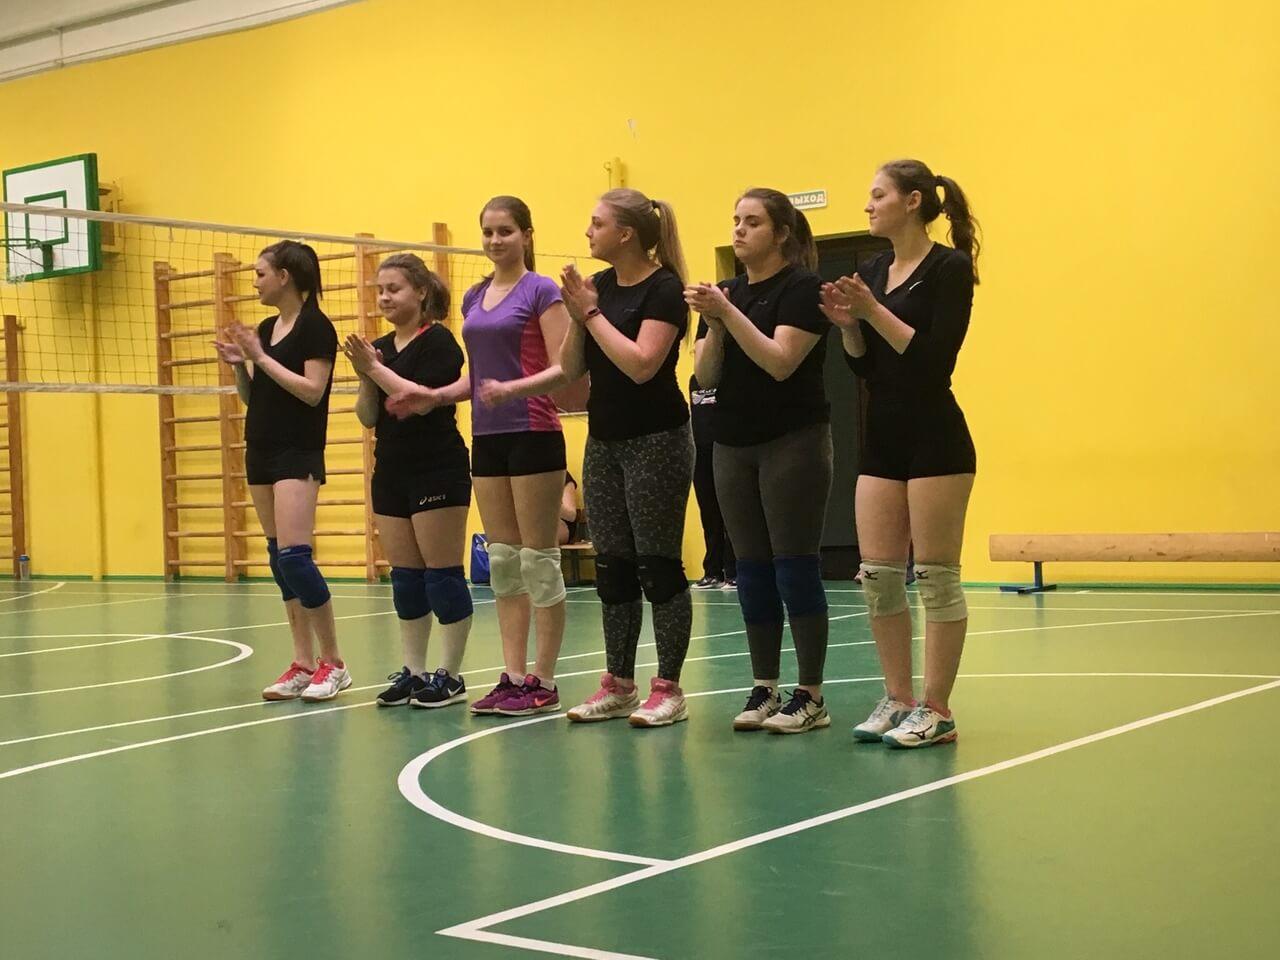 Поздравляем наших волейболисток!